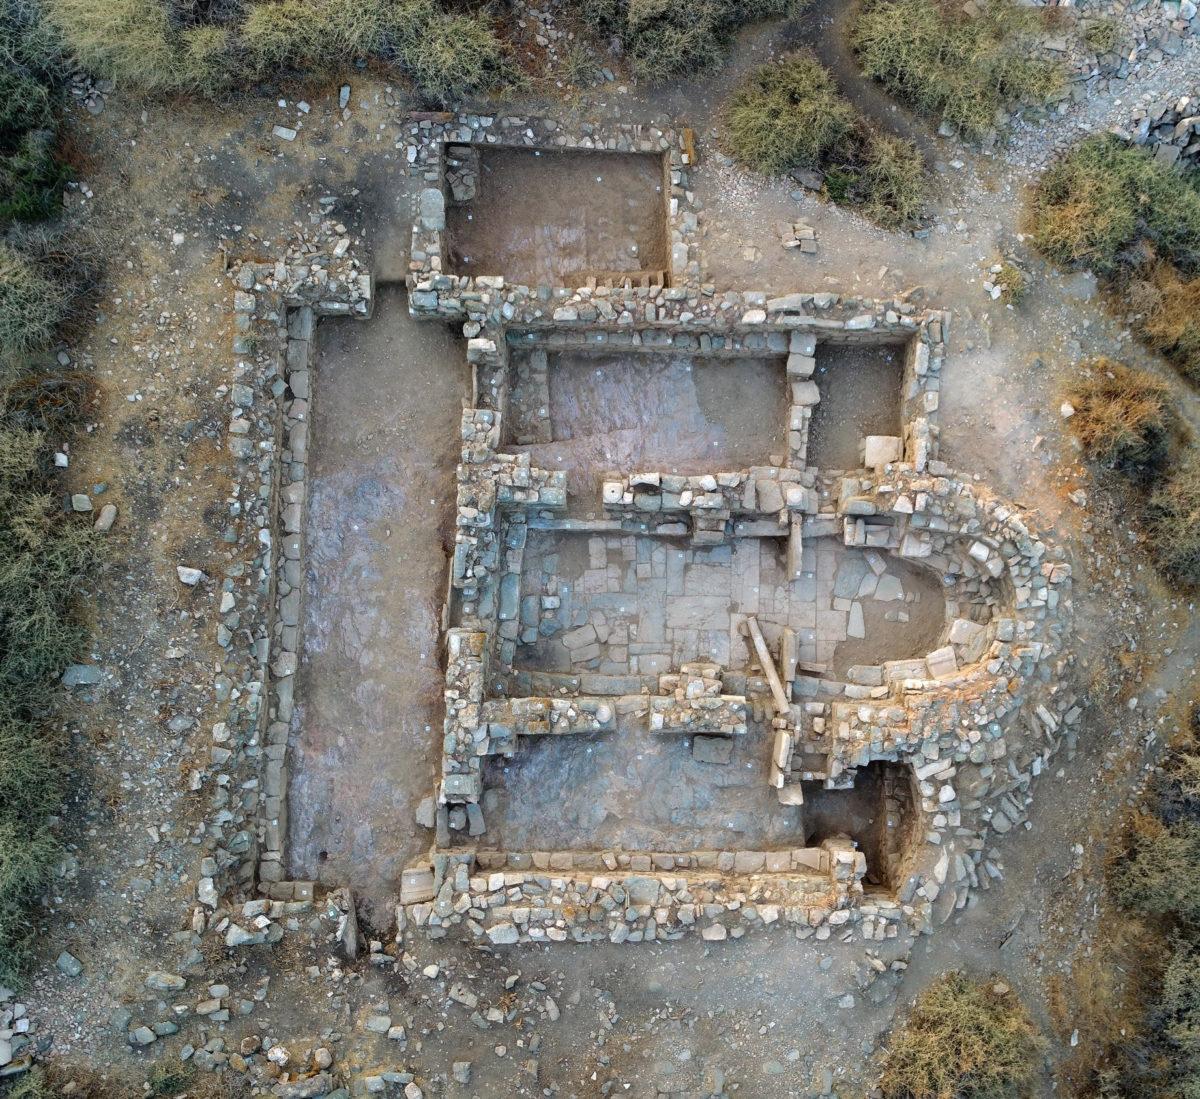 Αεροφωτογραφία της τρίκλιτης βασιλικής (φωτ.: Κώστας Ξενικάκης).